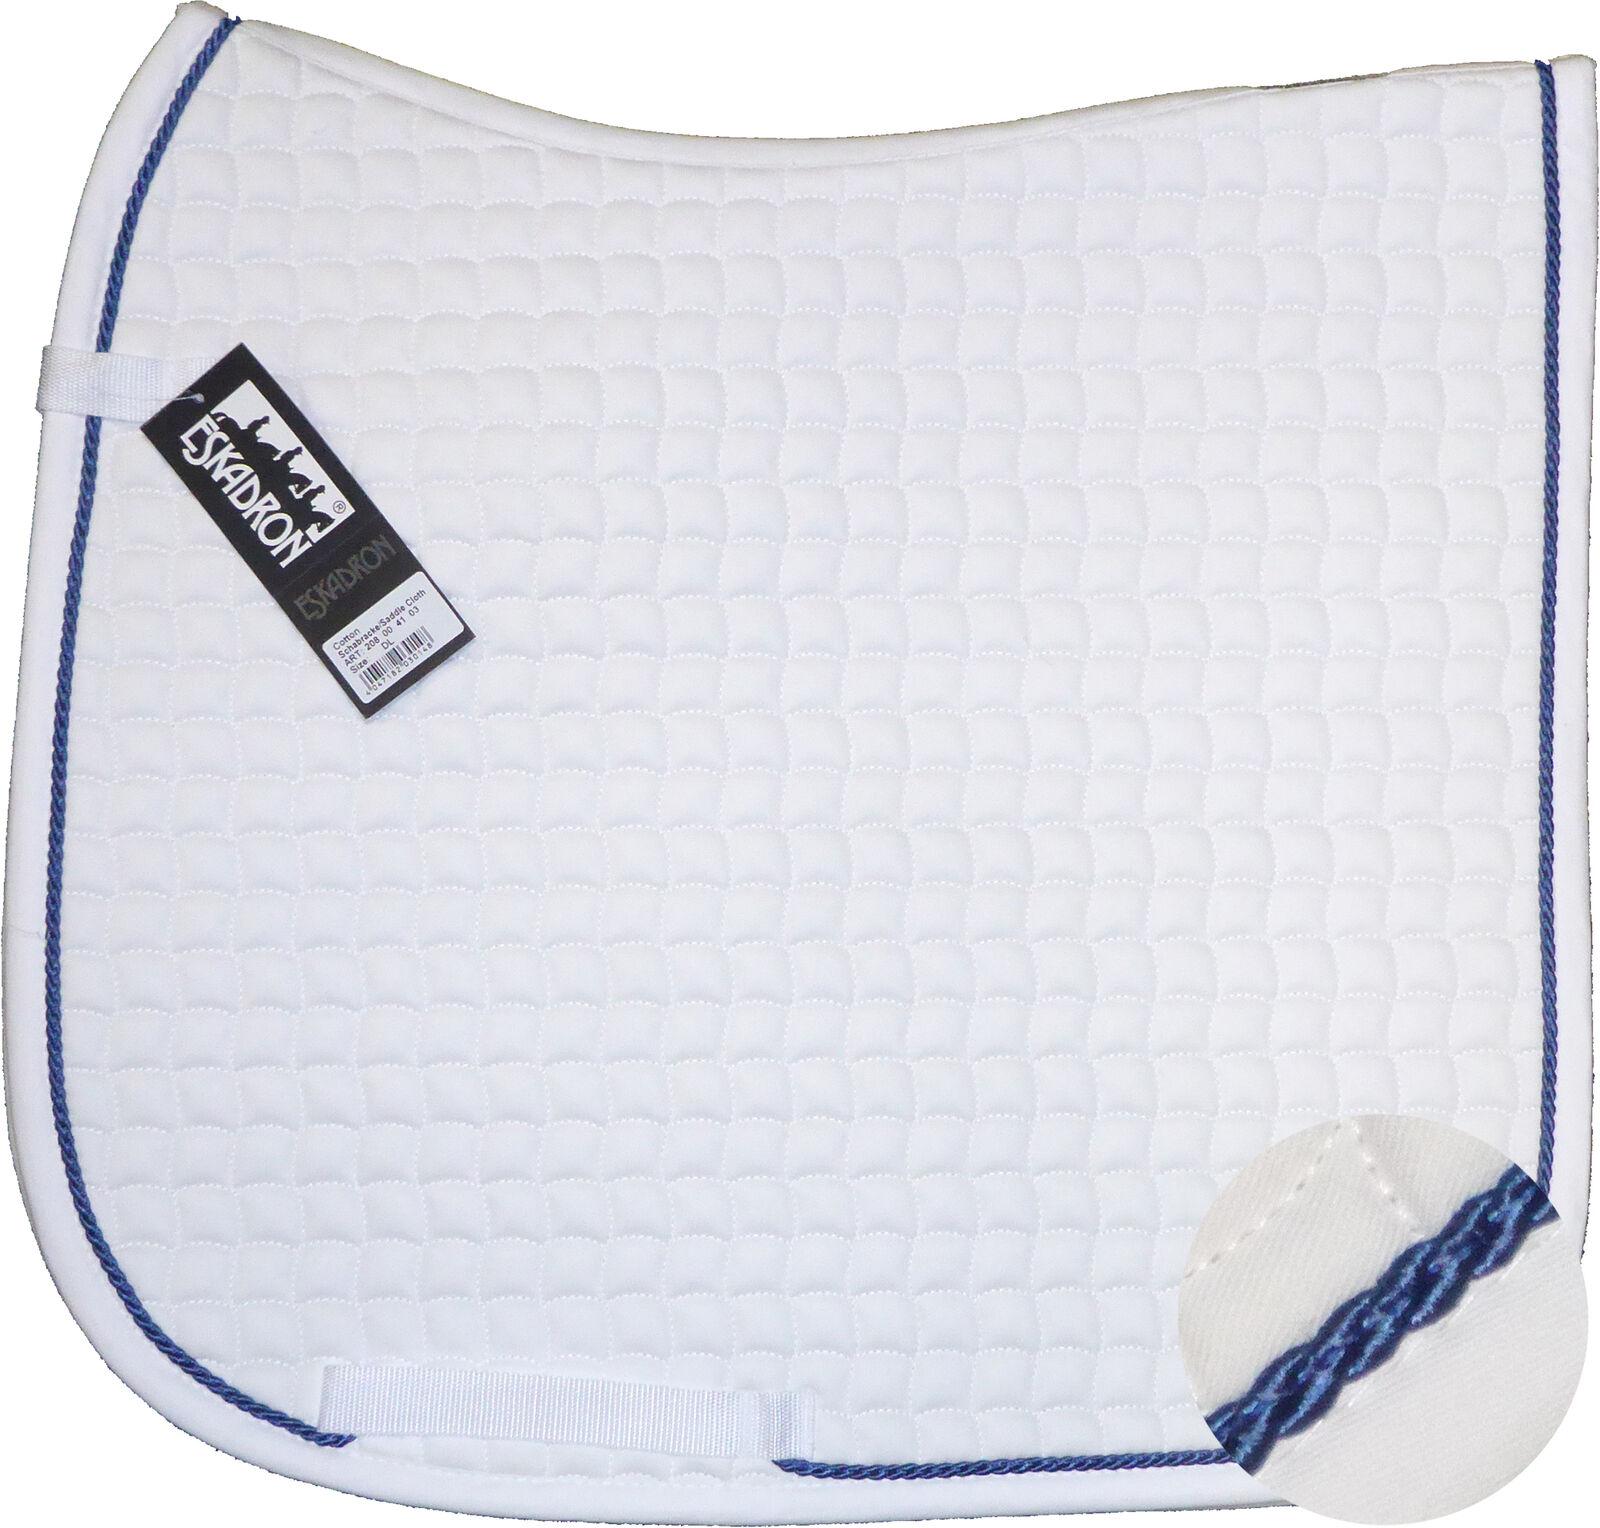 ESKADRON Cotton Schabracke Weiß einer einer einer Kordel in jeans (5040) 343ff5